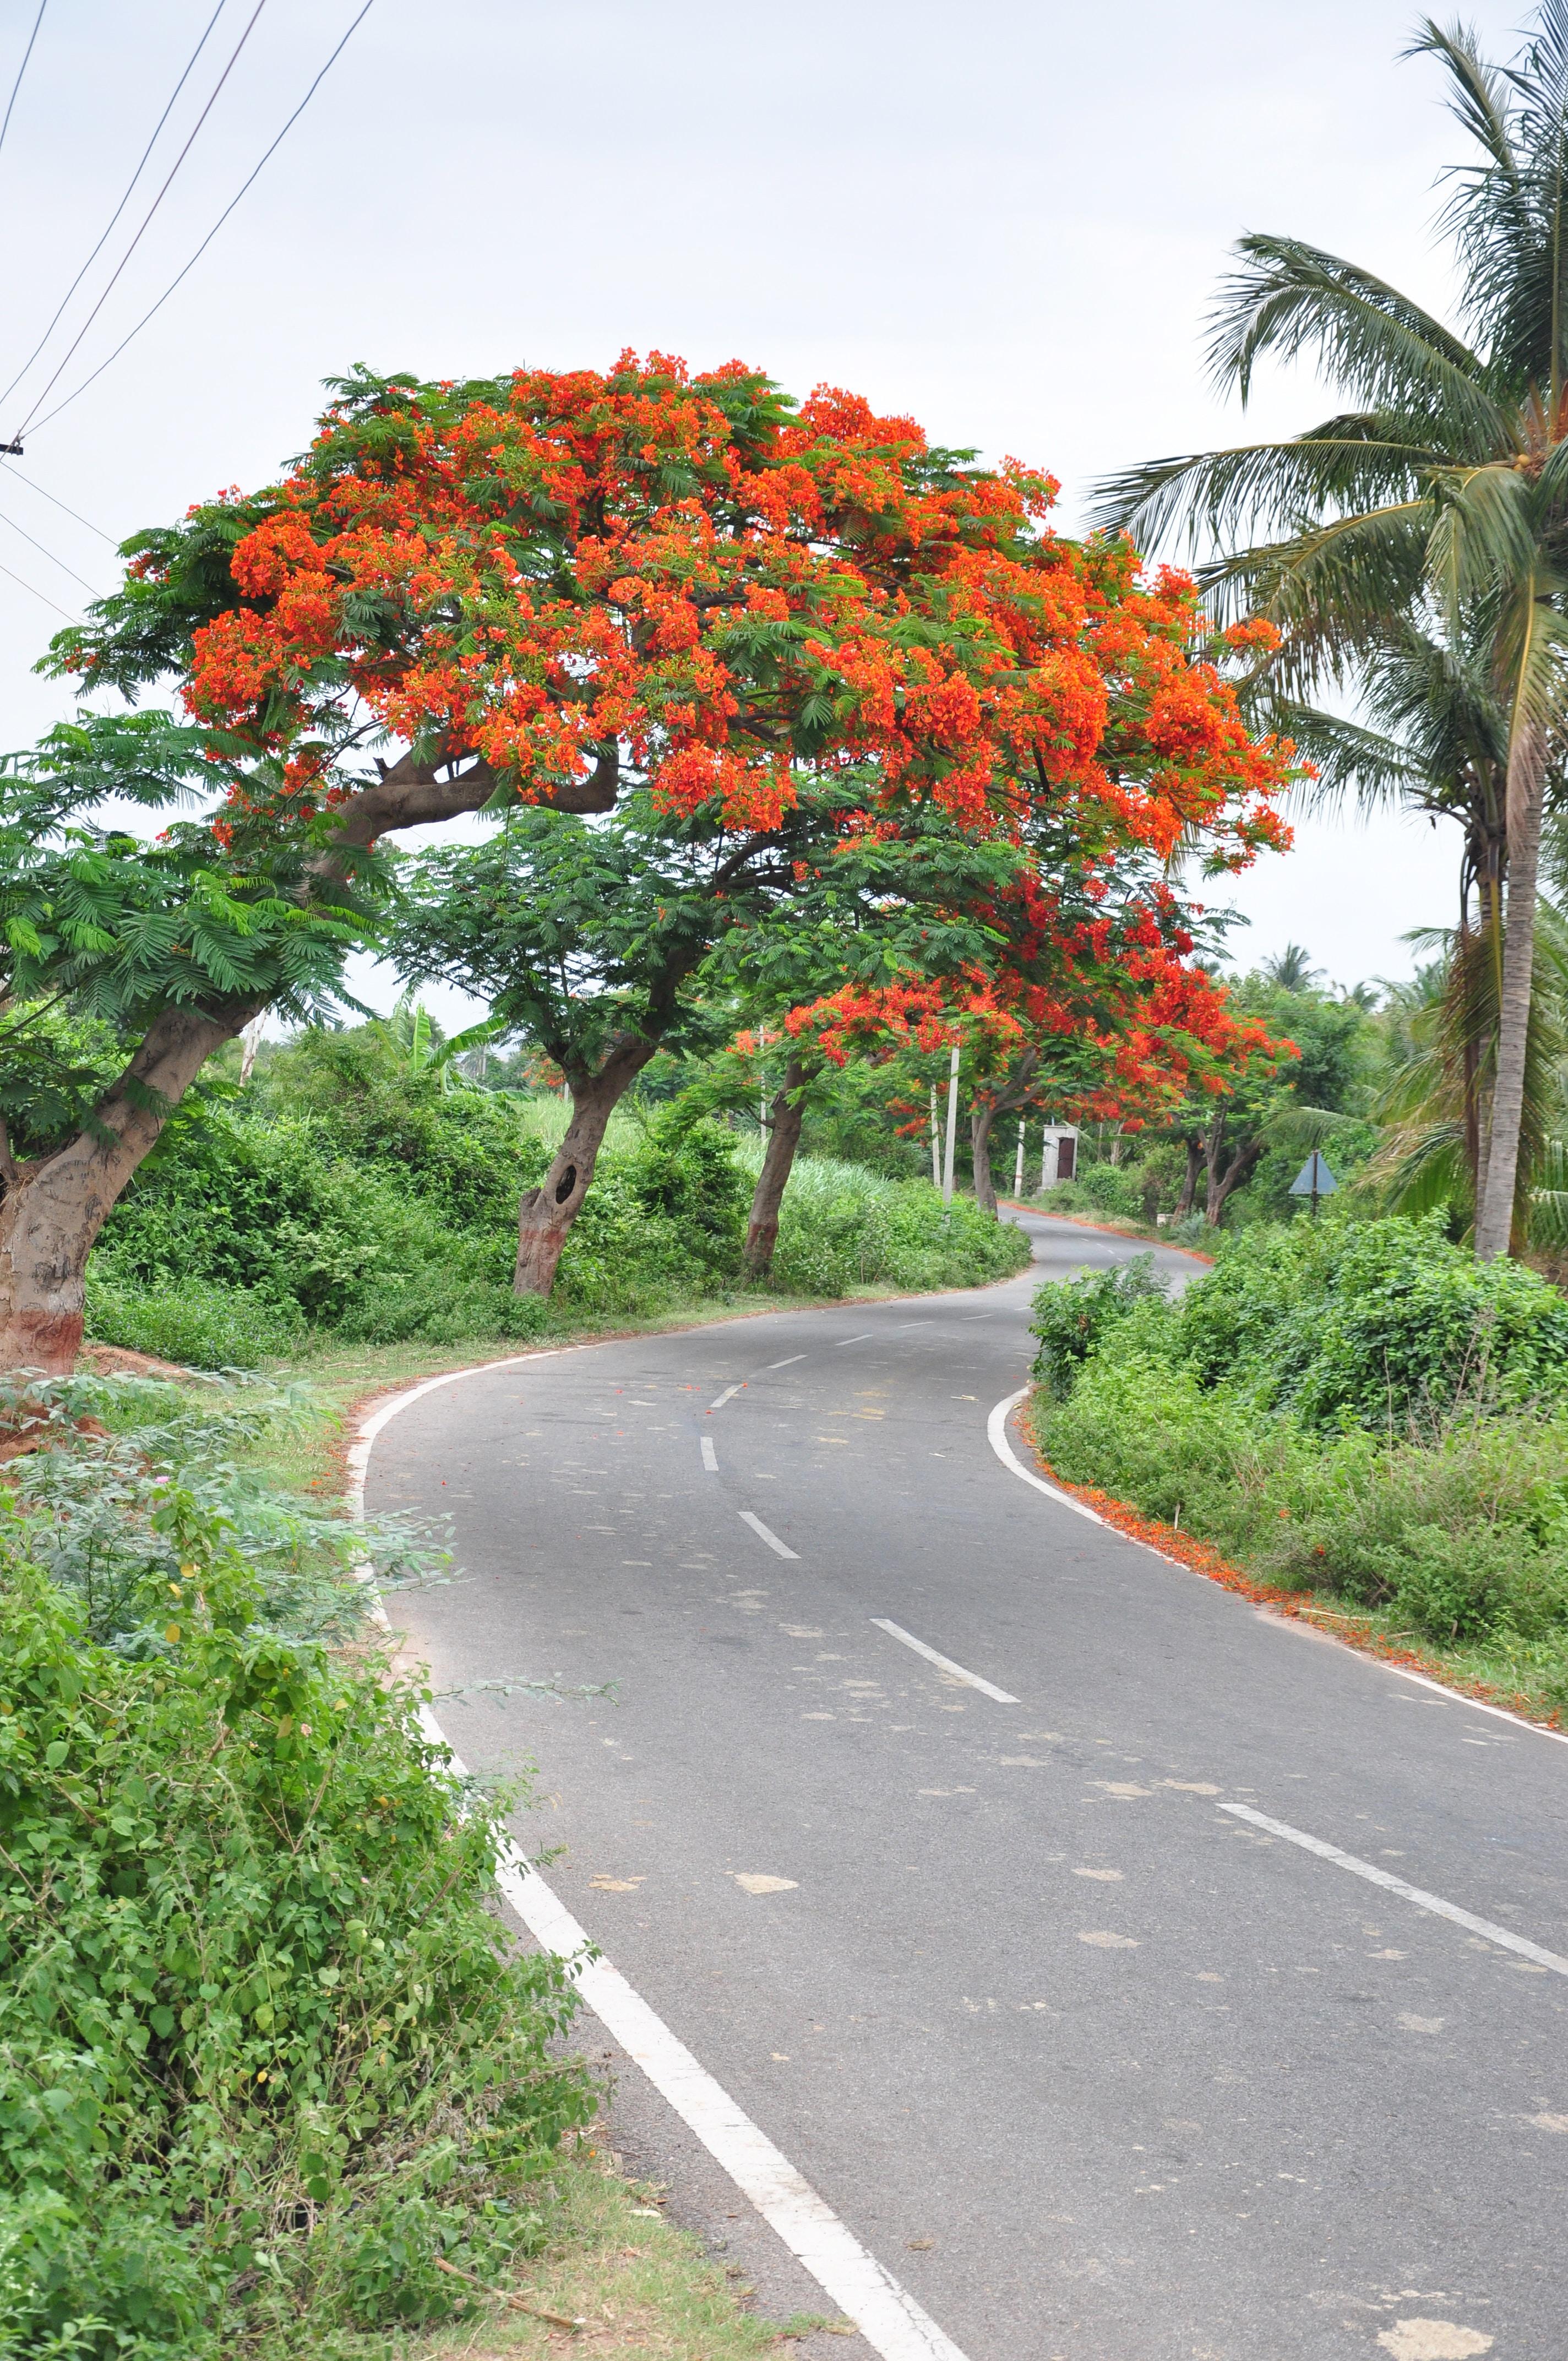 Free Unsplash photo from Pradhan Thandra